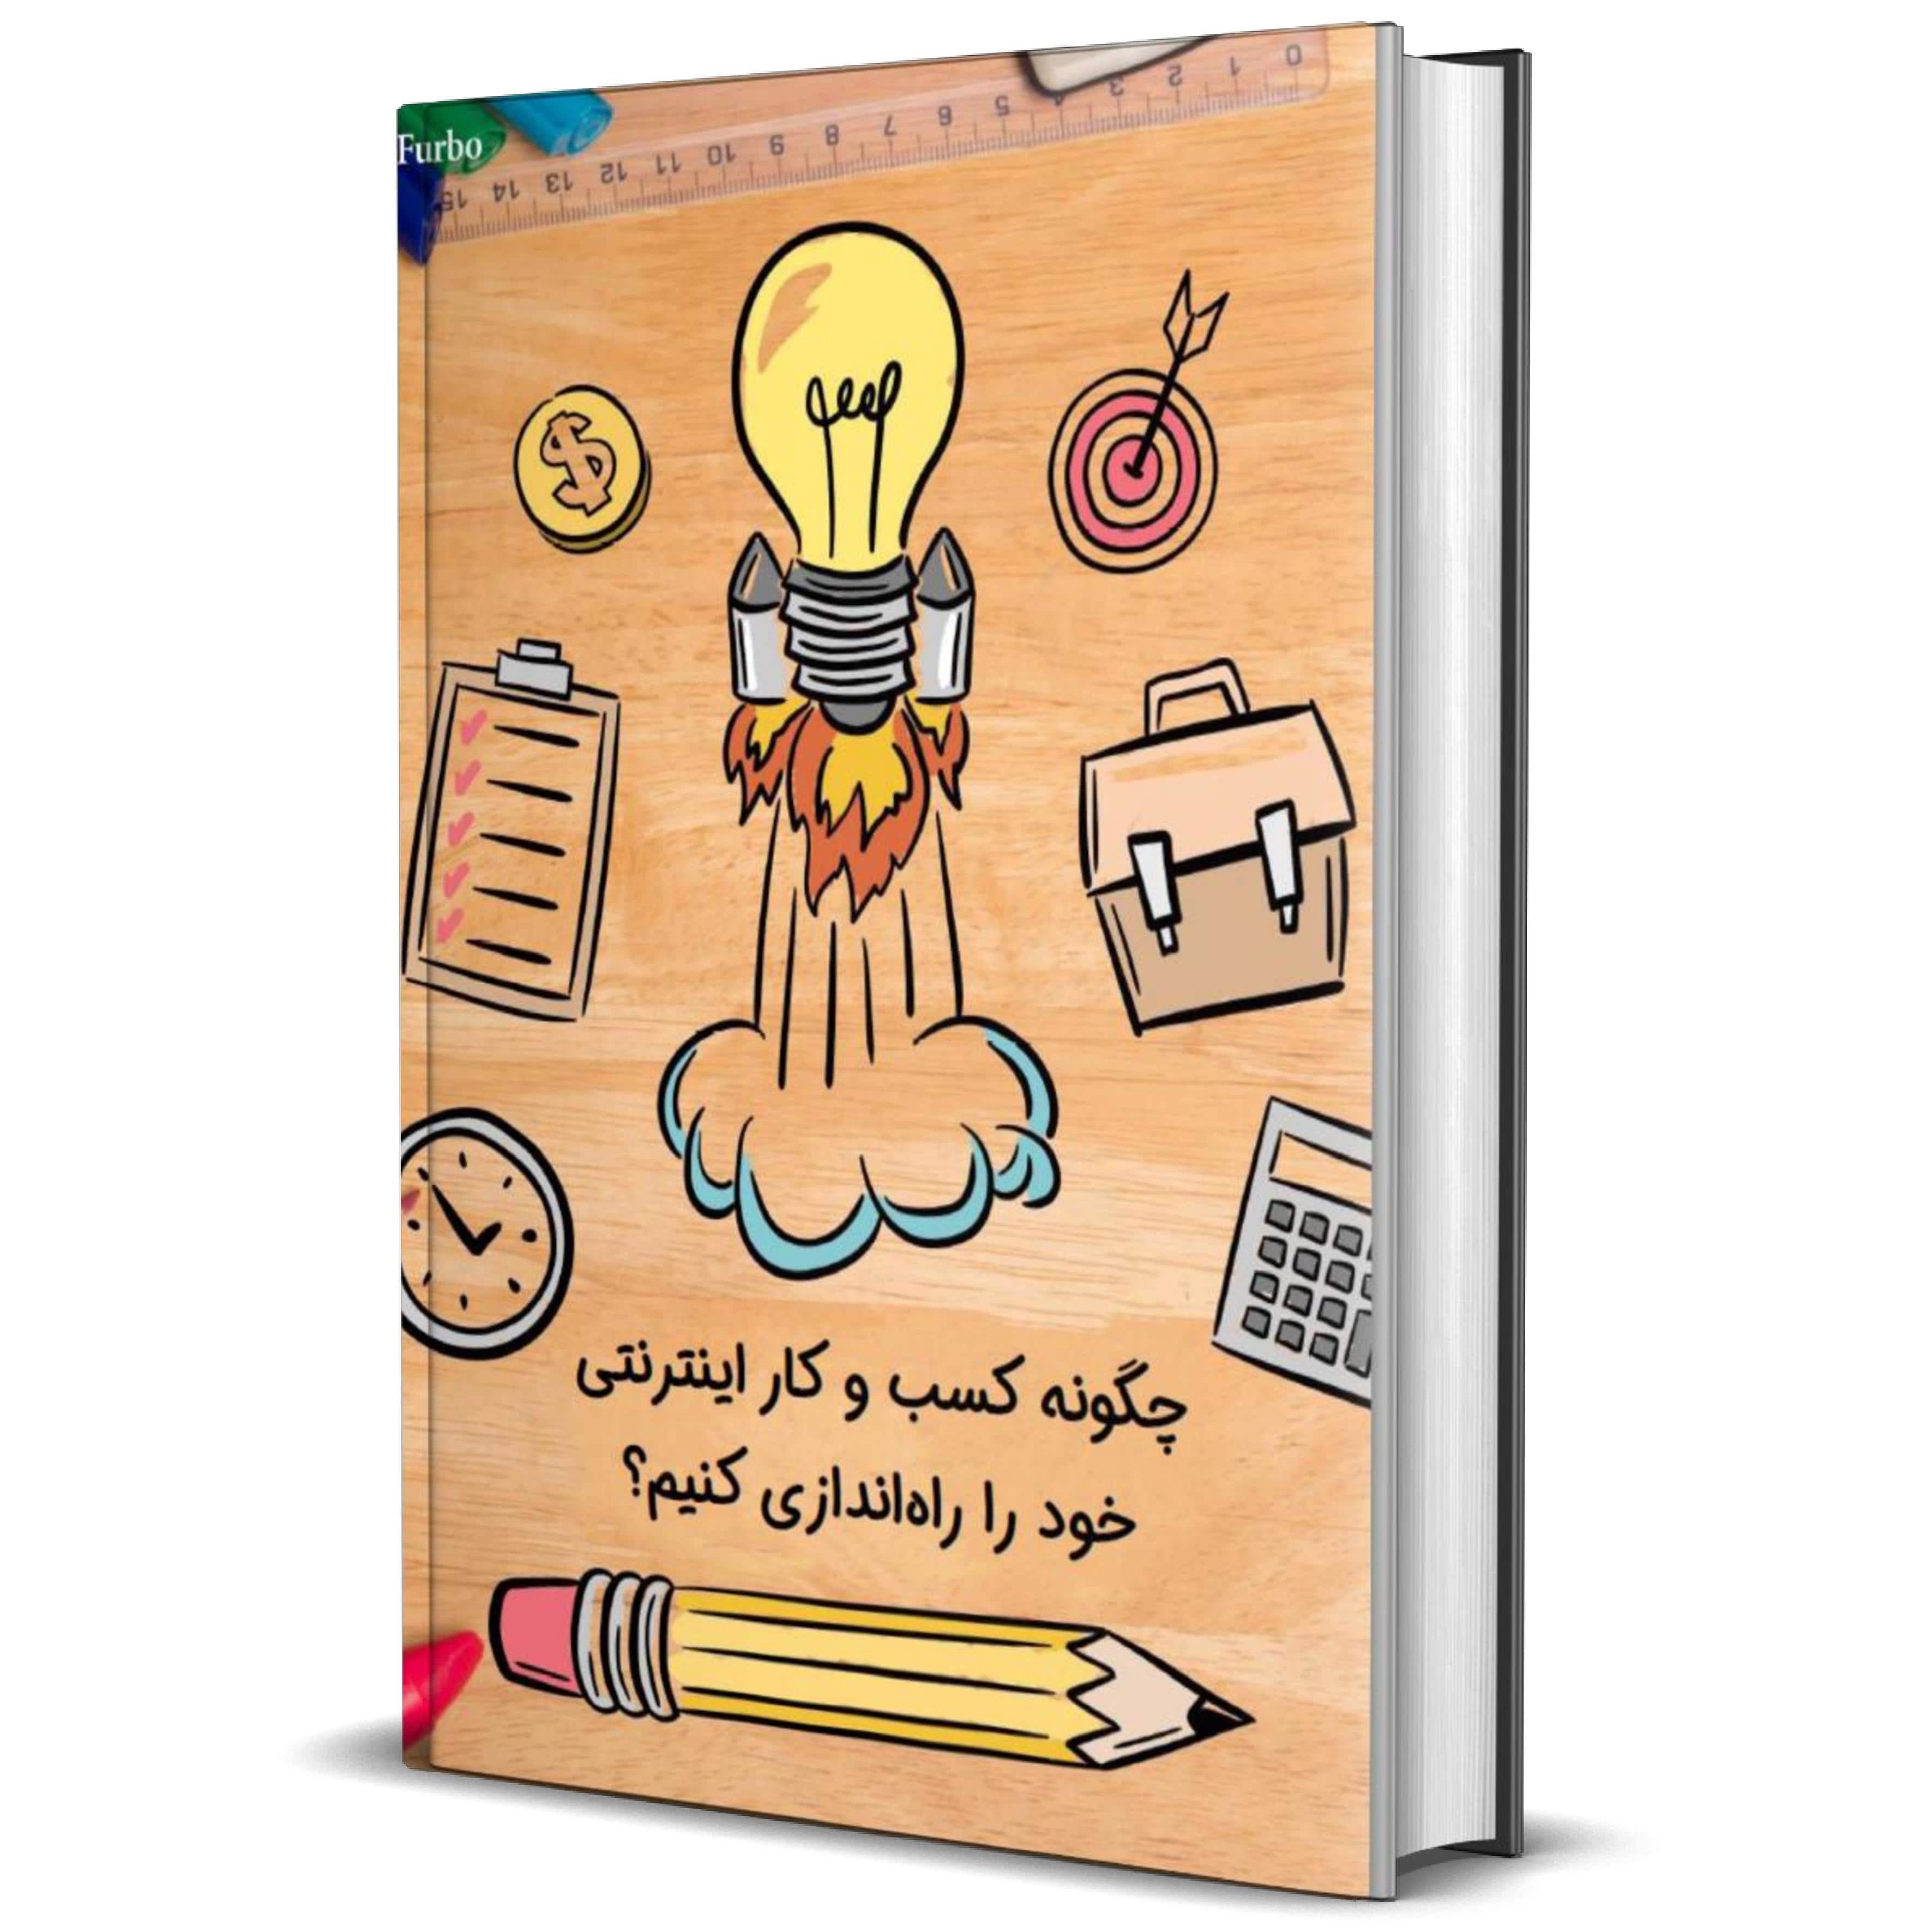 کتاب الکترونیک چگونه کسب و کار اینترنتی خود را راهاندازی کنیم؟ - رضا توکلی